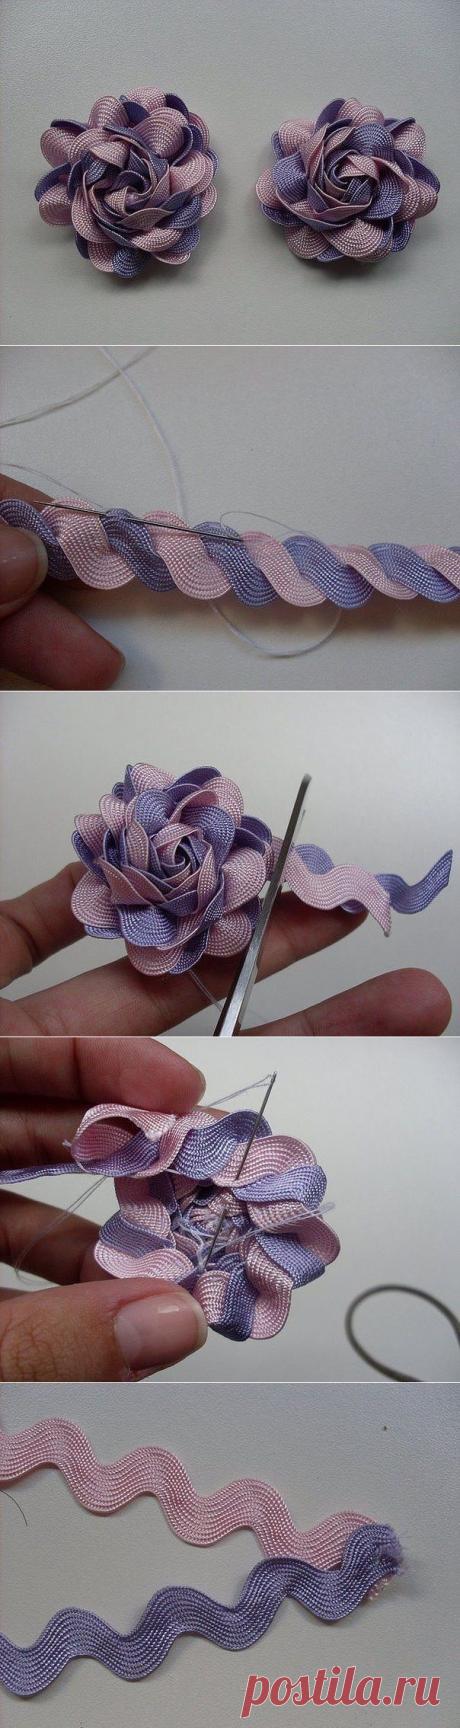 Милые цветочки из зигзагообразной тесьмы — Сделай сам, идеи для творчества - DIY Ideas